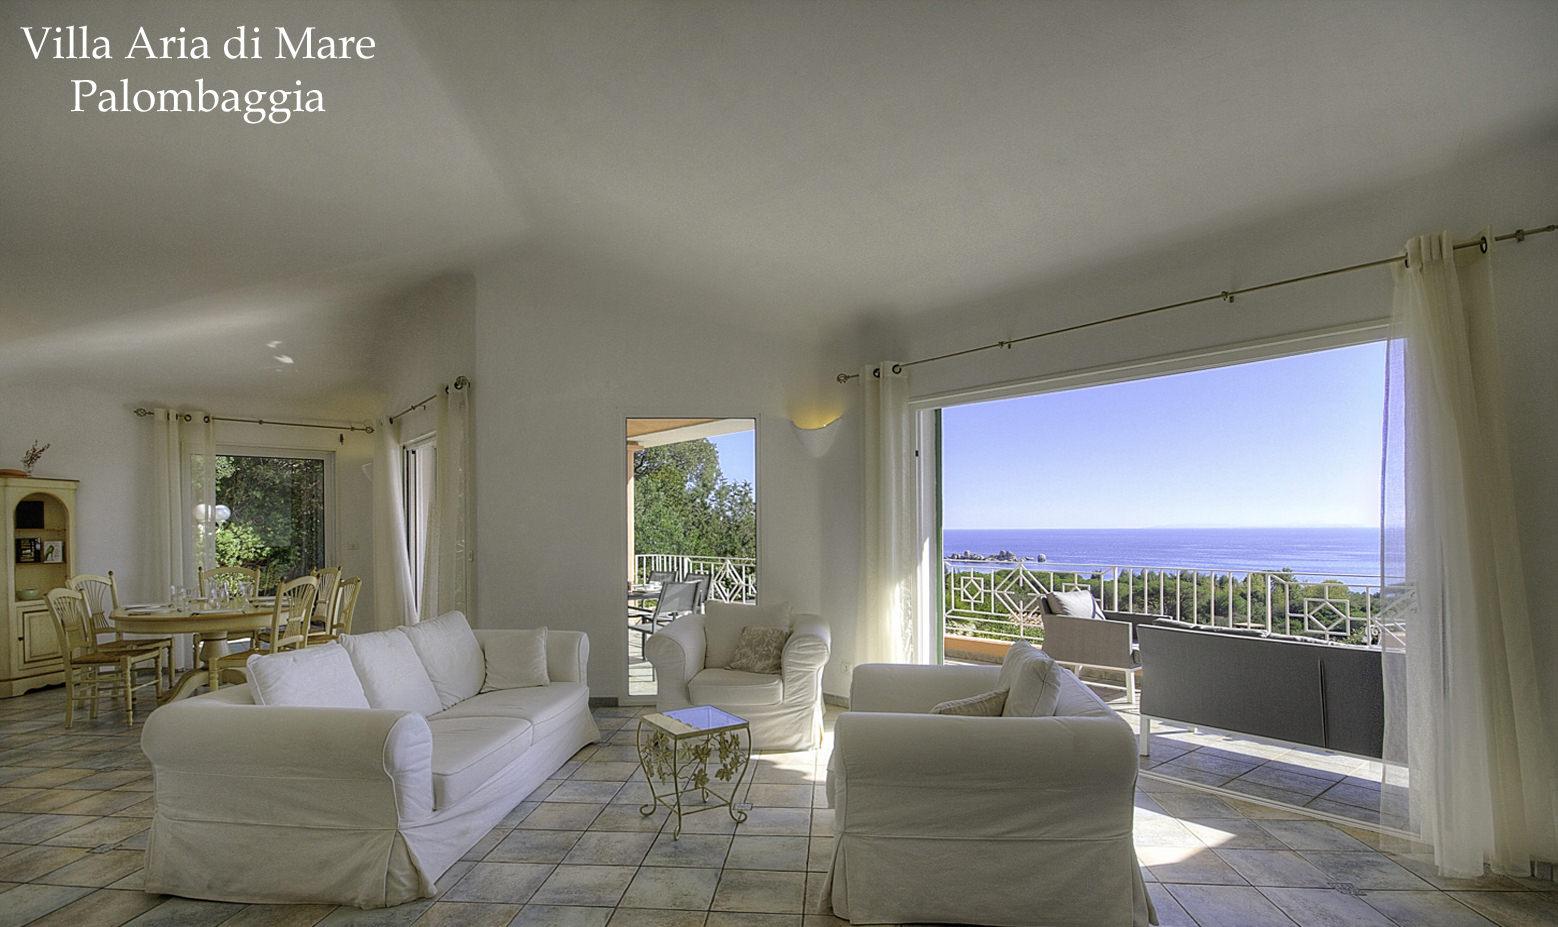 Location villa palombaggia villa luxe avec piscine porto vecchio villa bord de mer for Location de maison